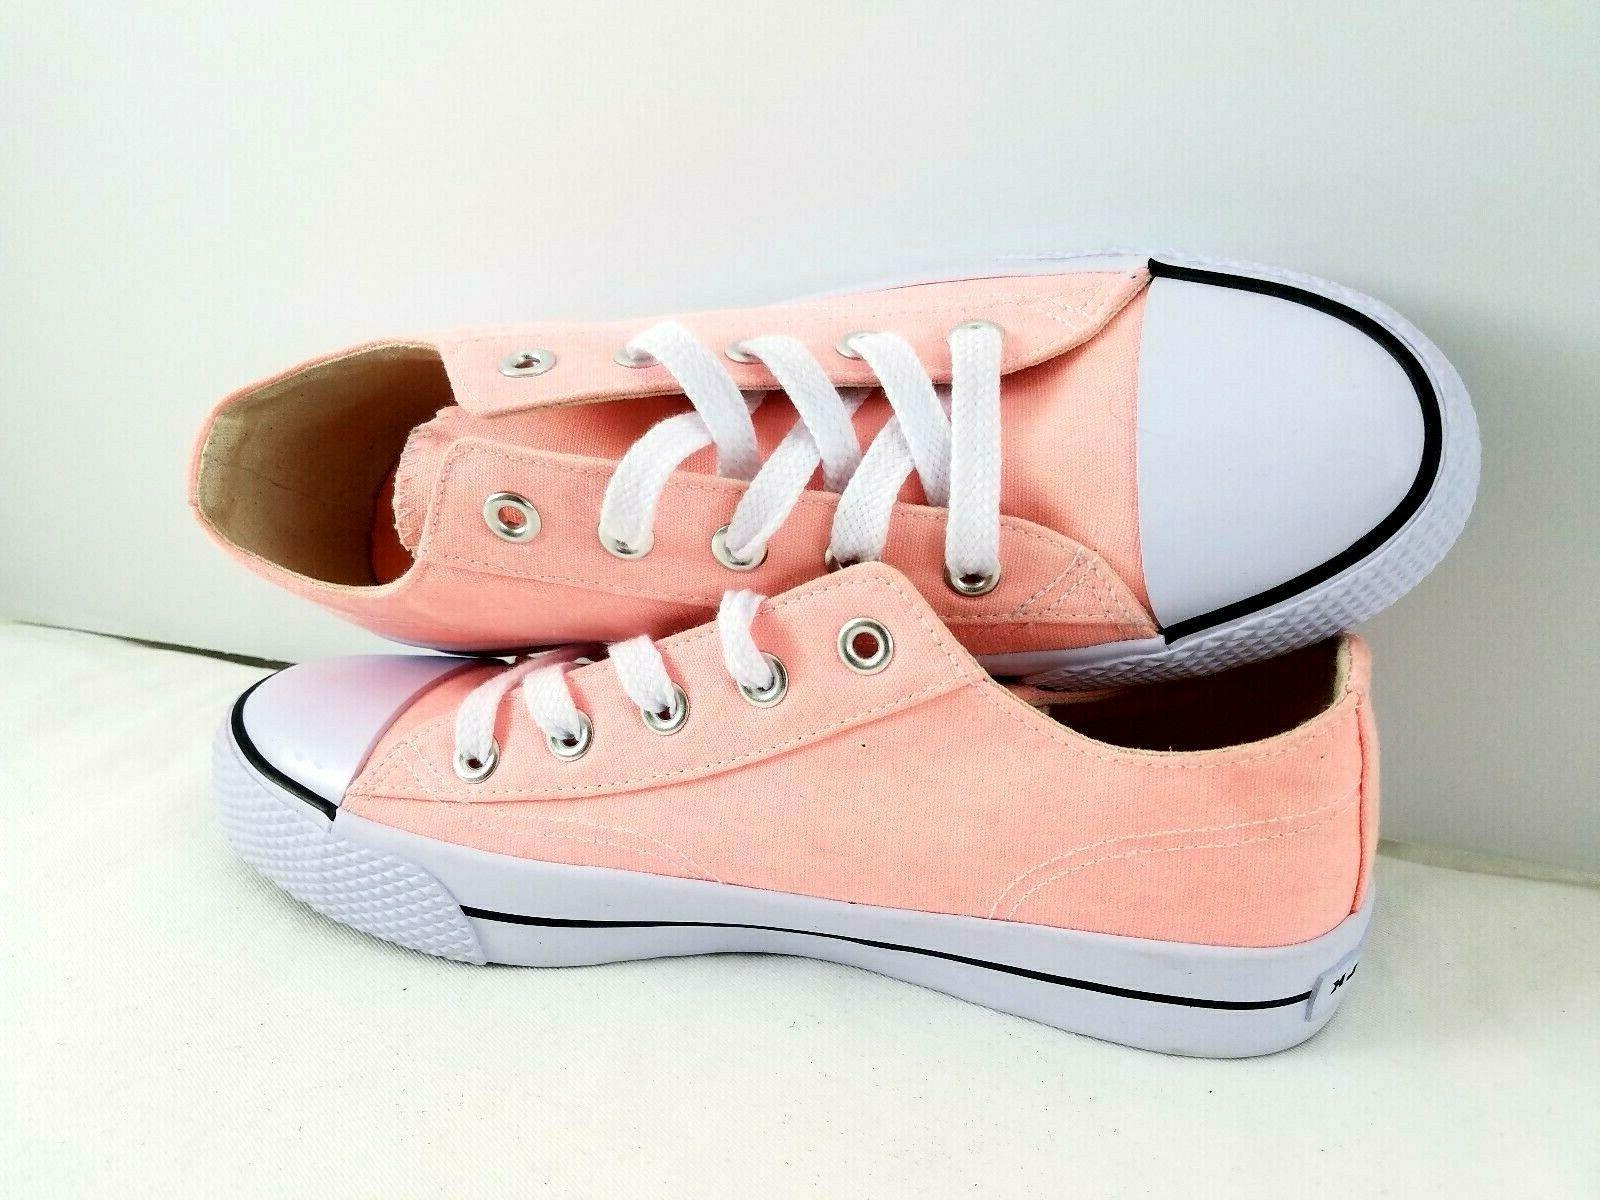 Airwalk Shoes Sneakers Womens multiple